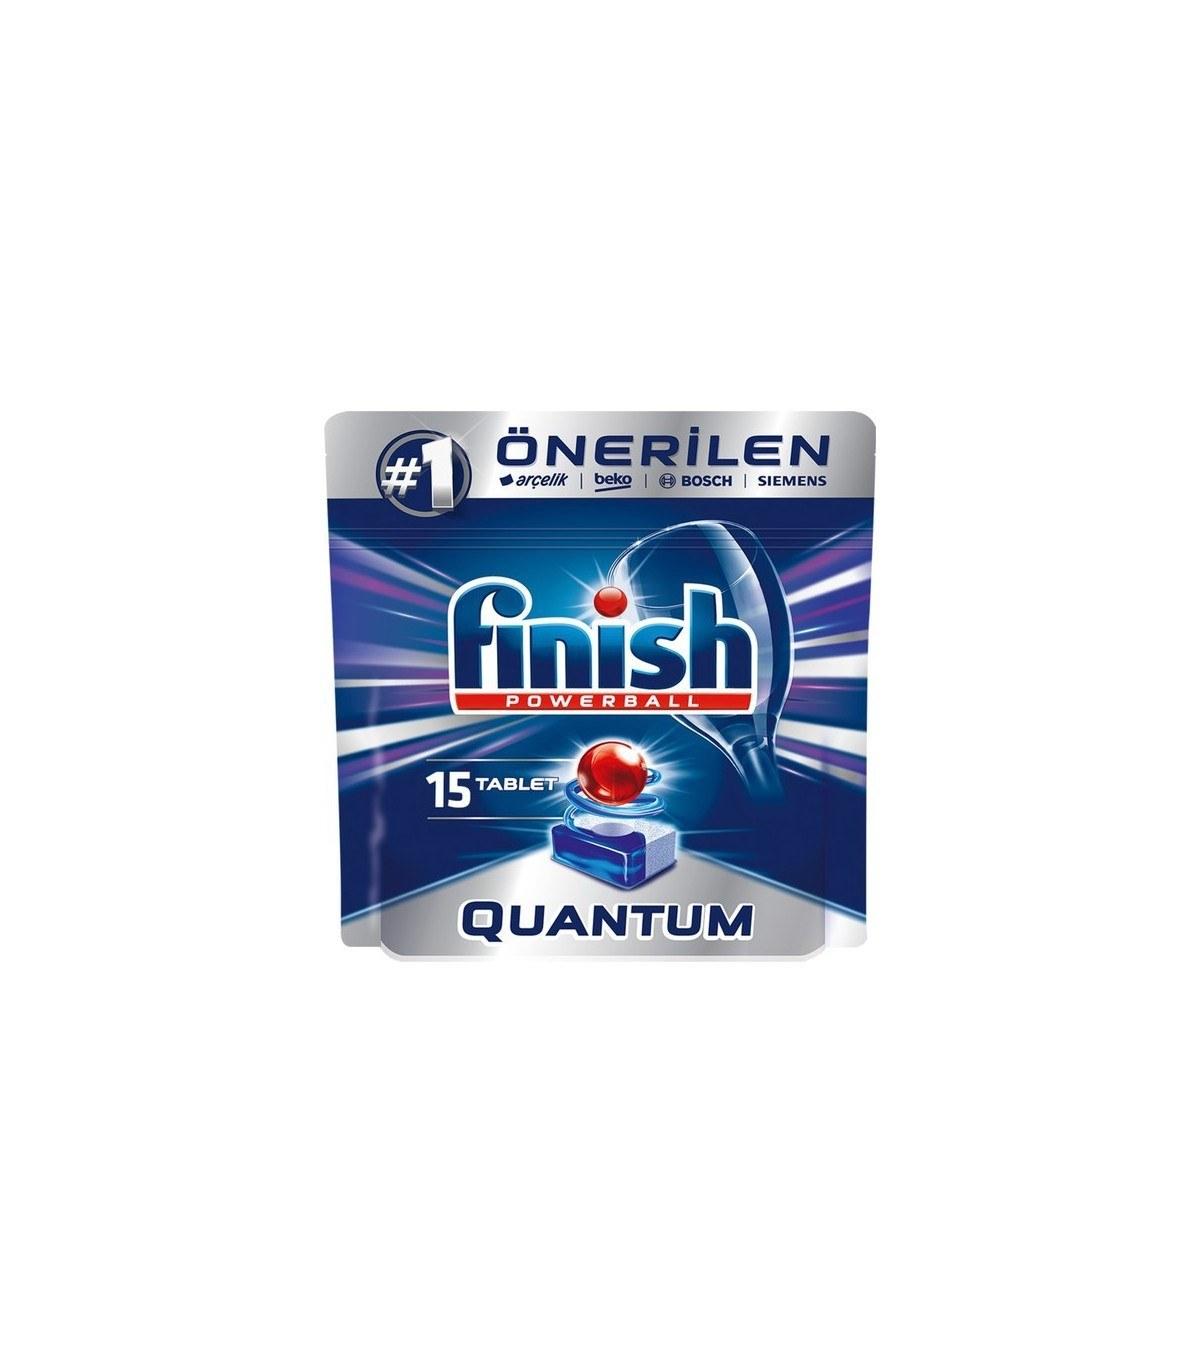 تصویر FINISH قرص ماشین ظرفشویی کوآنتوم ۱۵ عددی فینیش